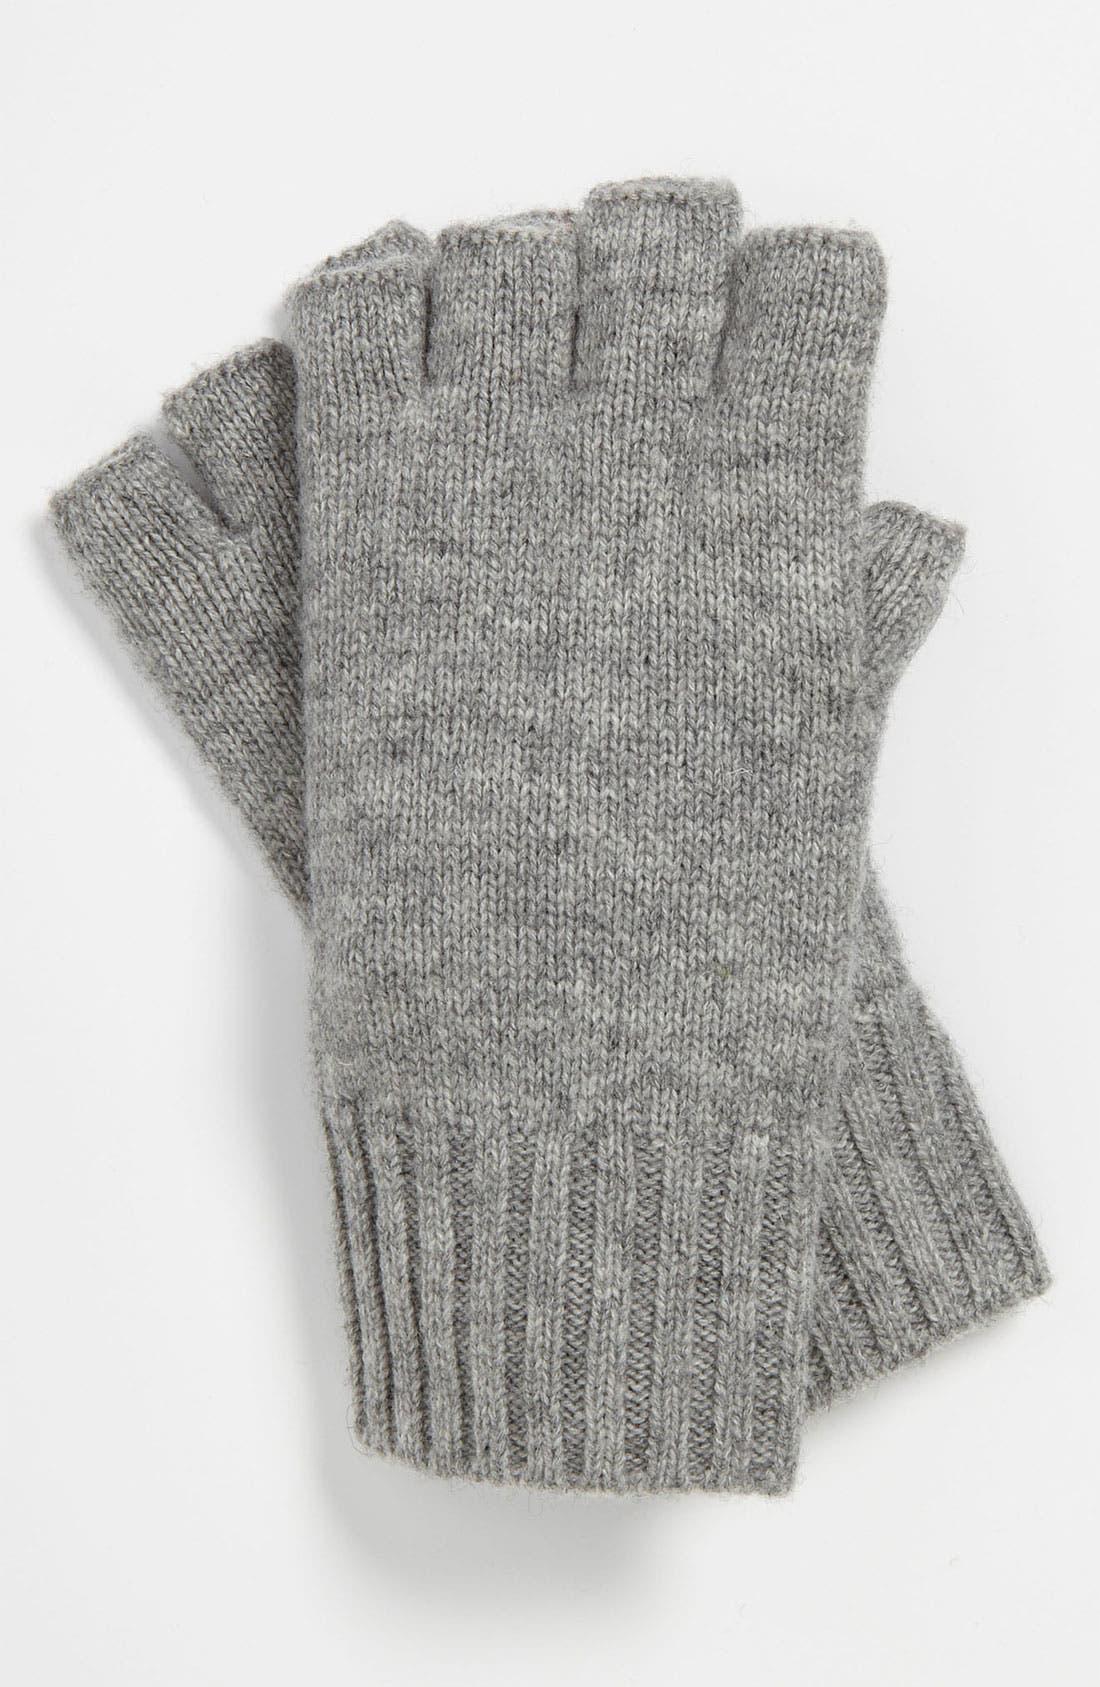 Main Image - Michael Kors Fingerless Gloves